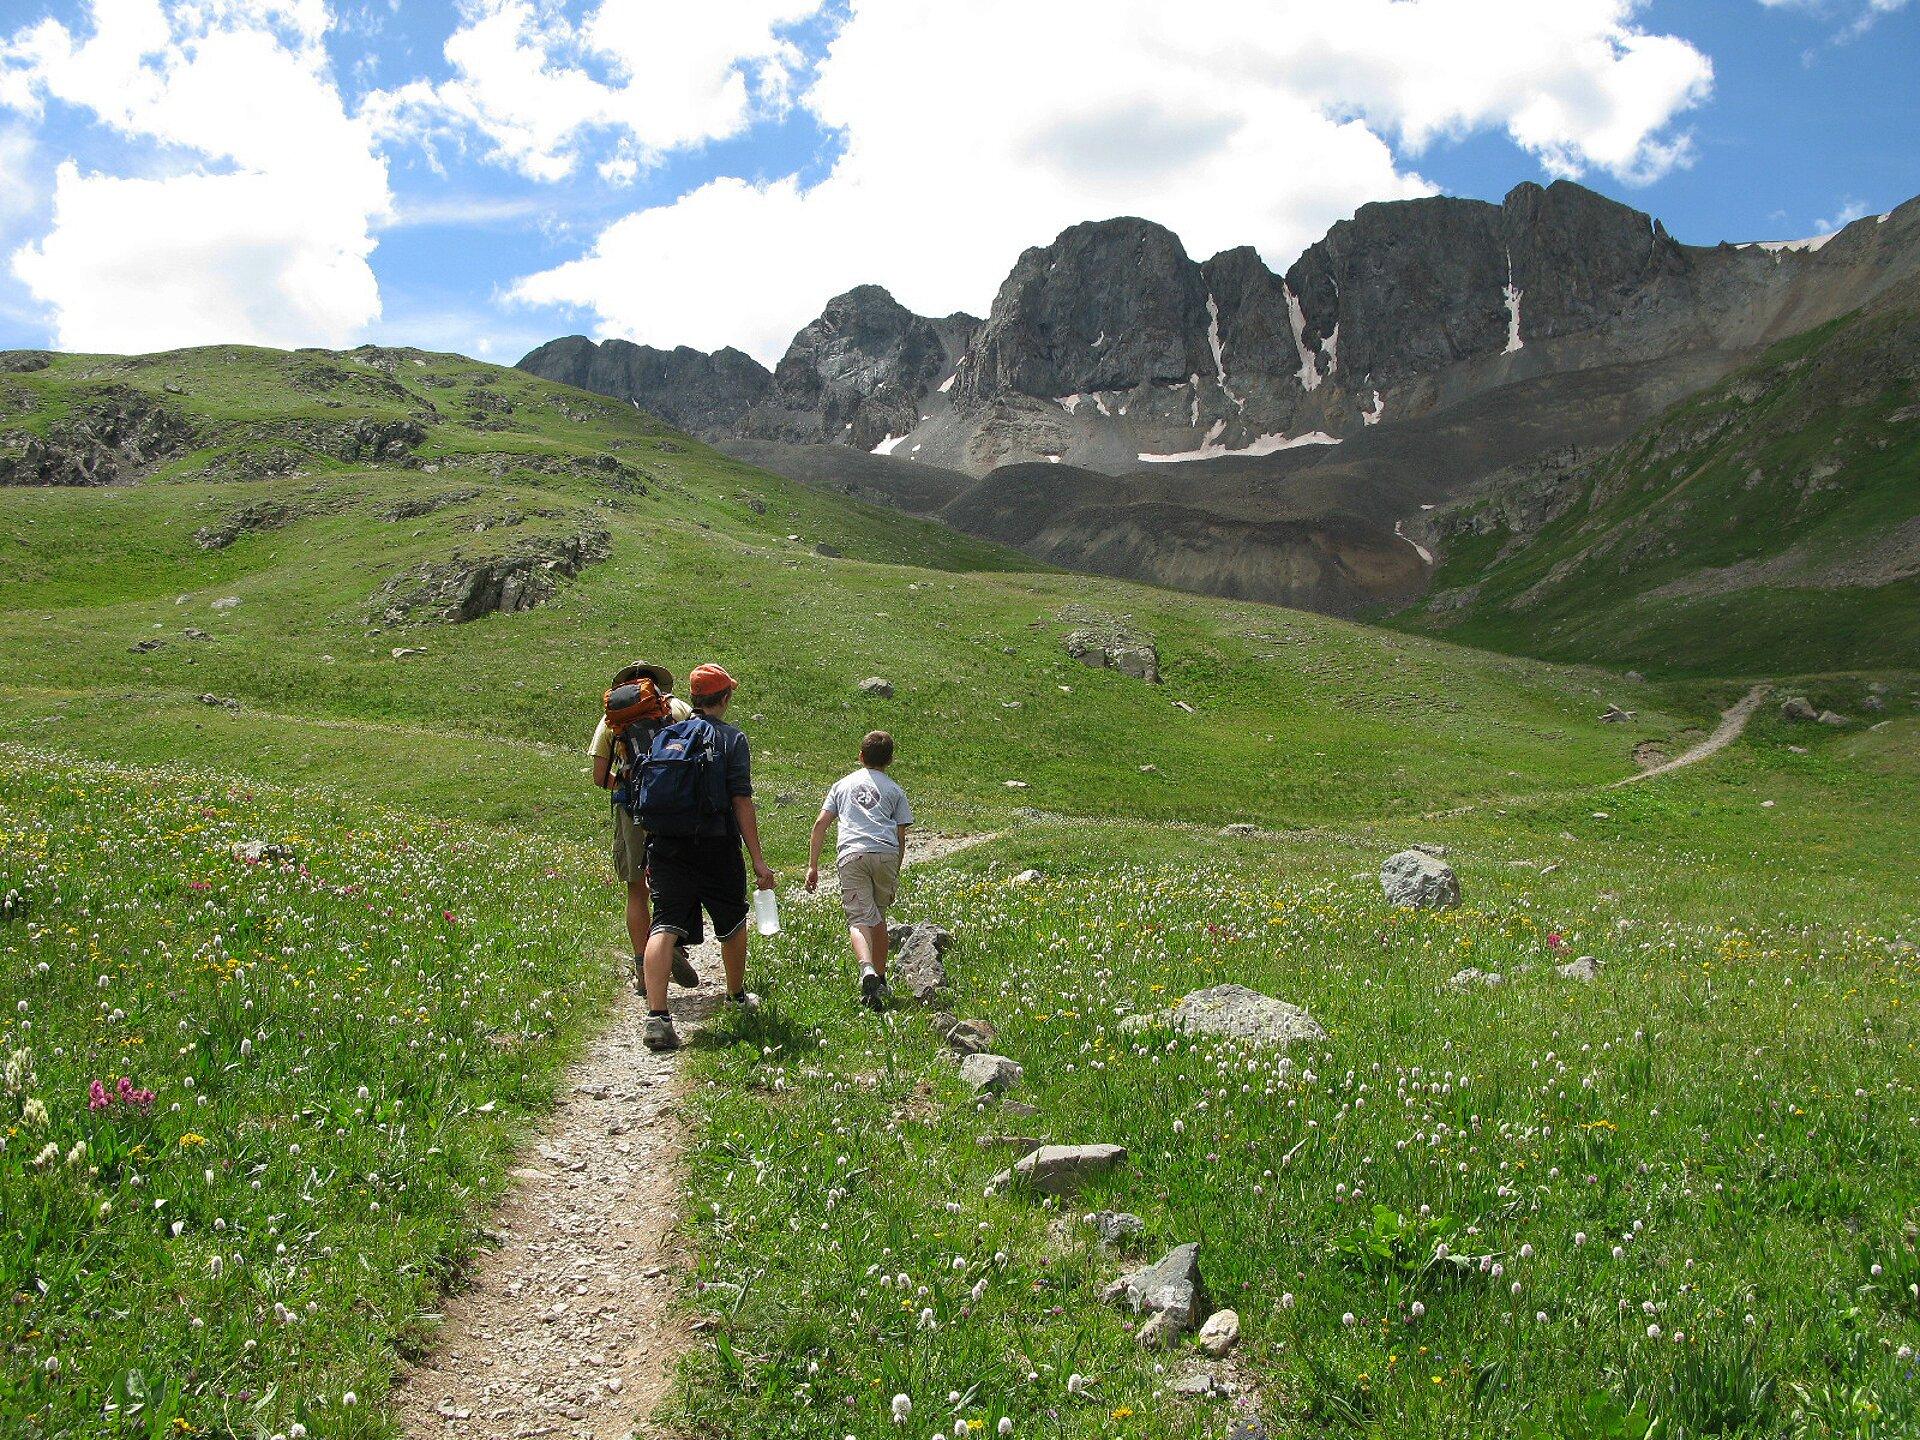 Fotografia przedstawia trzyosobową grupę ludzi, chłopca idwie starsze osoby, wędrujących po ścieżce wgórach. Każda ze starszych osób niesie plecak, ajedna znich dodatkowo butelkę zwodą. Zejście ścieżką jest łagodne, ale przed wędrowcami widać wysokie, skaliste góry.